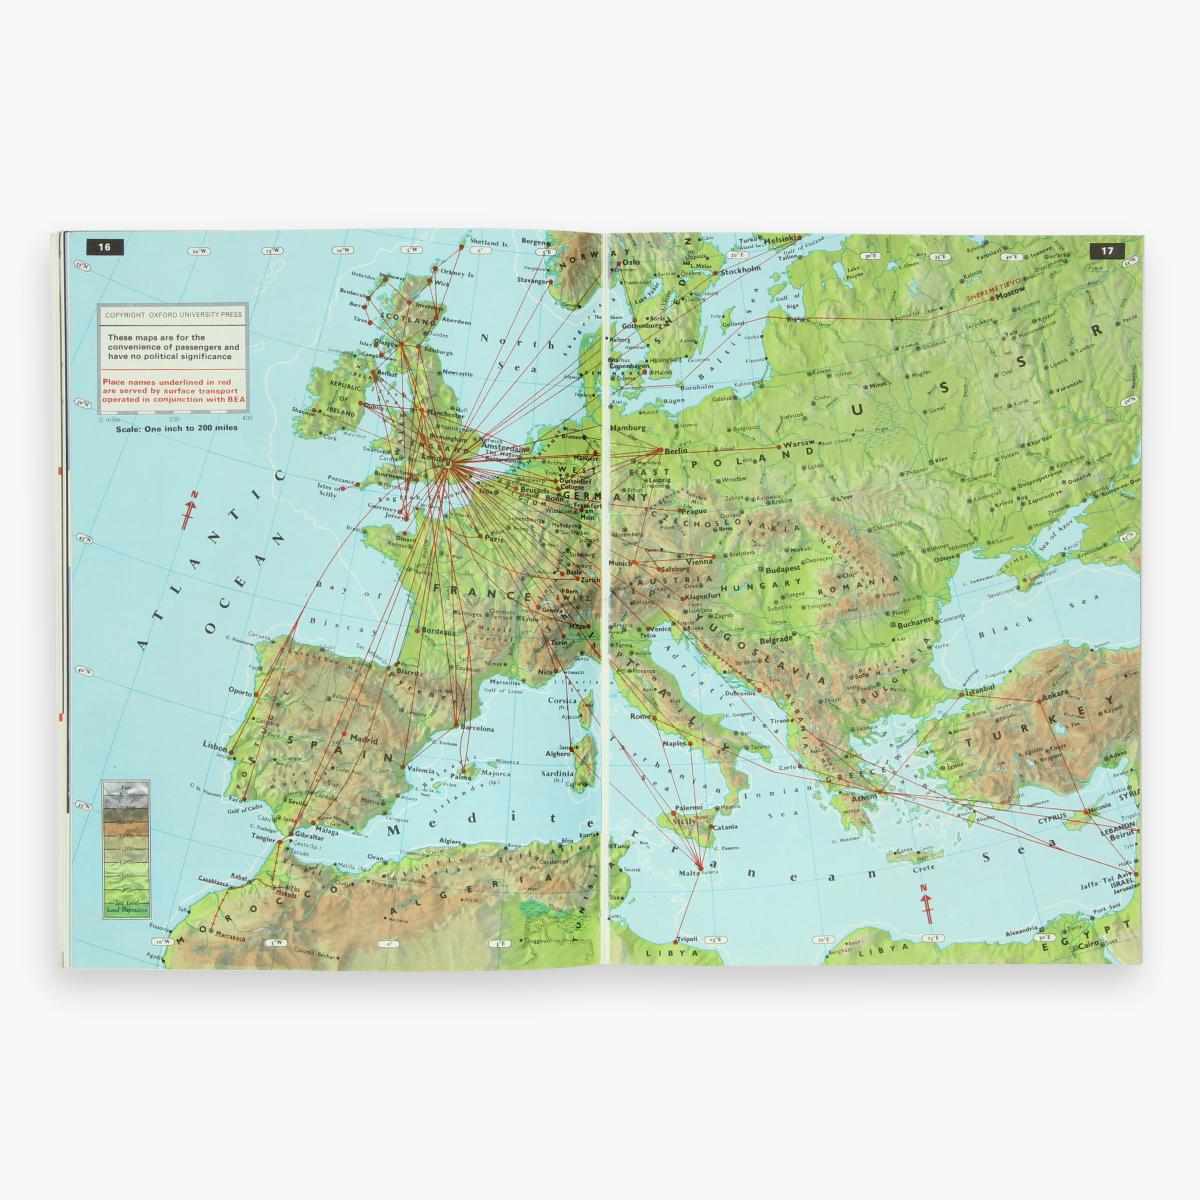 Afbeeldingen van bea british european airways about your flight